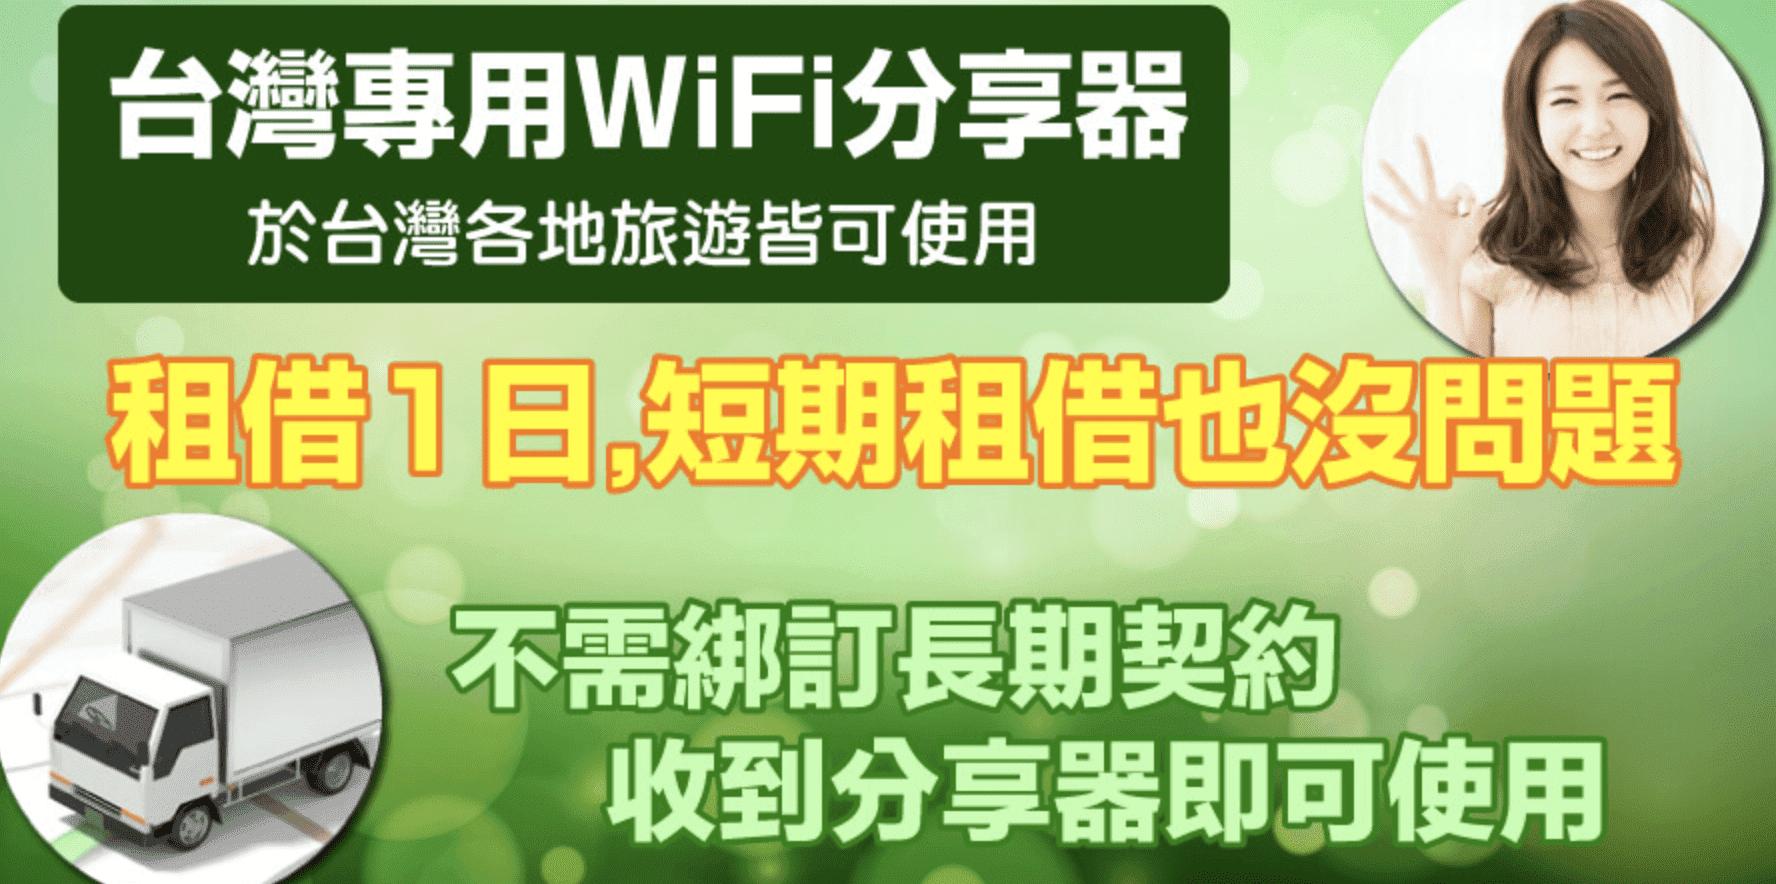 誰會在台灣租Wifi機?單天租金最低19元起,適合學生、外國人士來台、租屋族,不綁門號、不需施工、方便移動的台灣上網方式~九折優惠代碼提供~